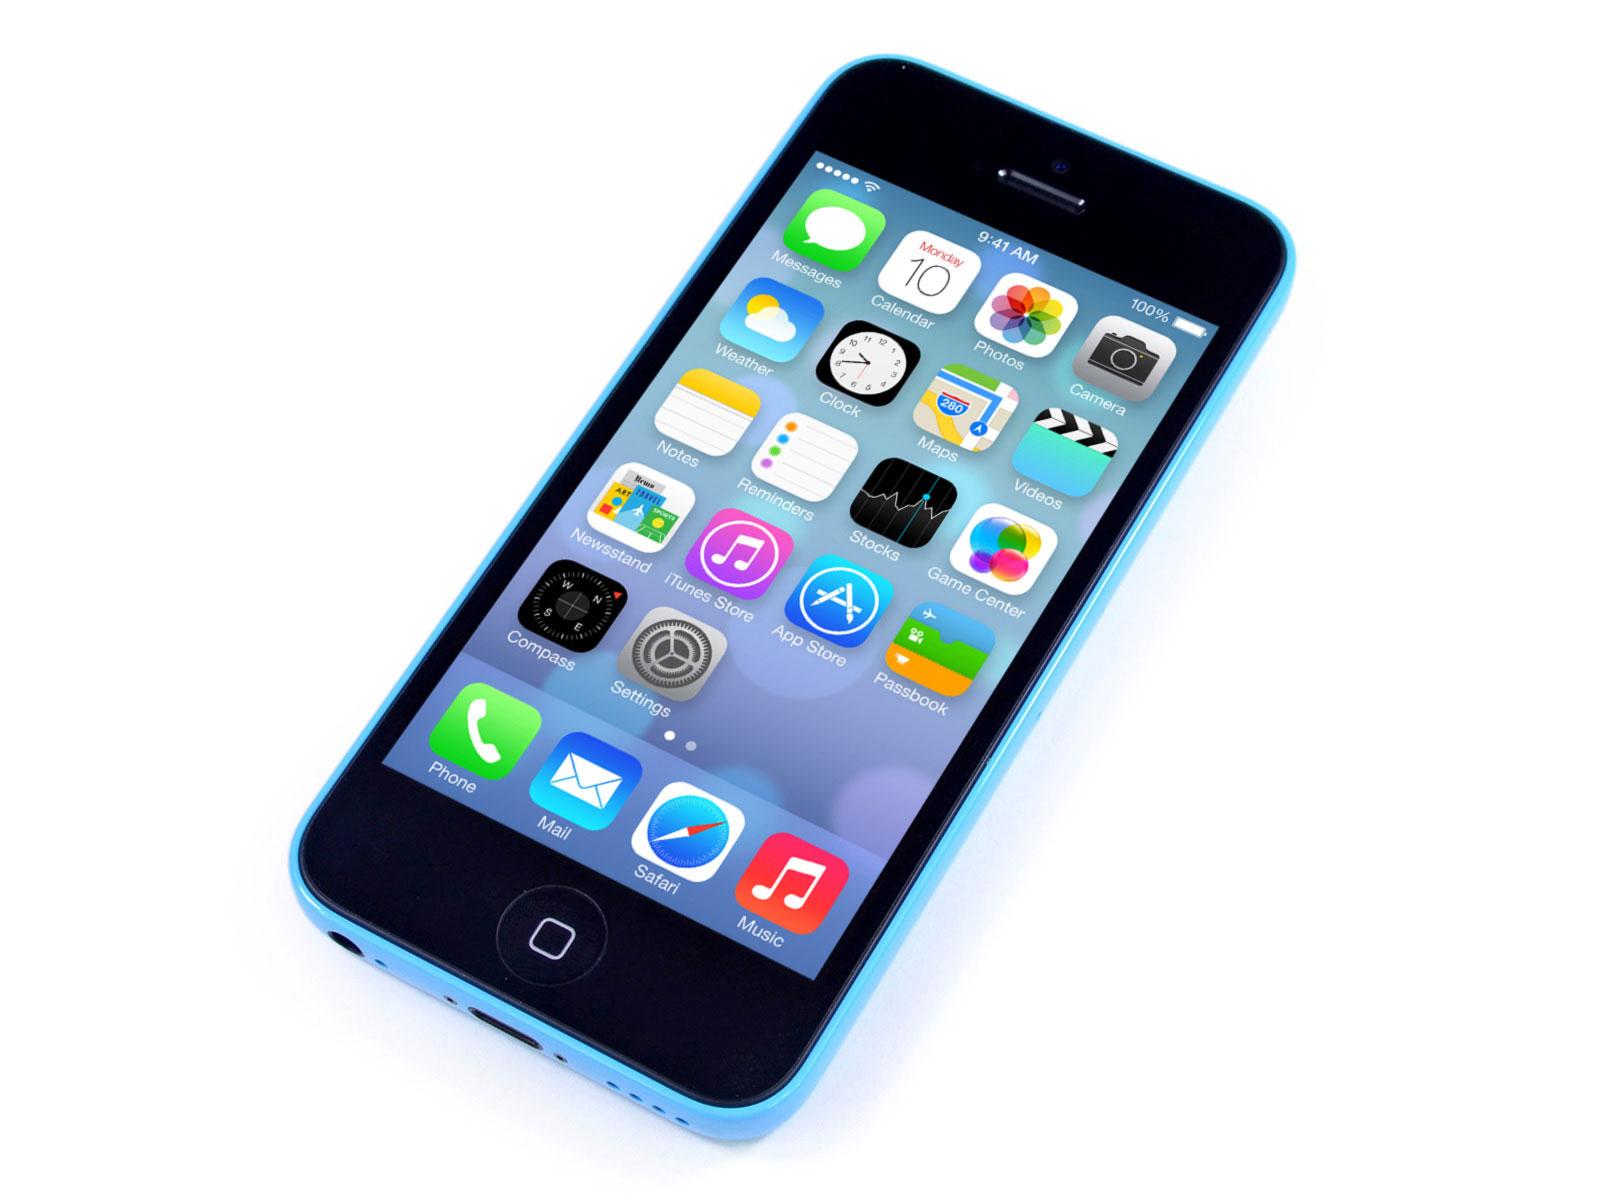 apple-iphone5c-16gb-att-blue-2